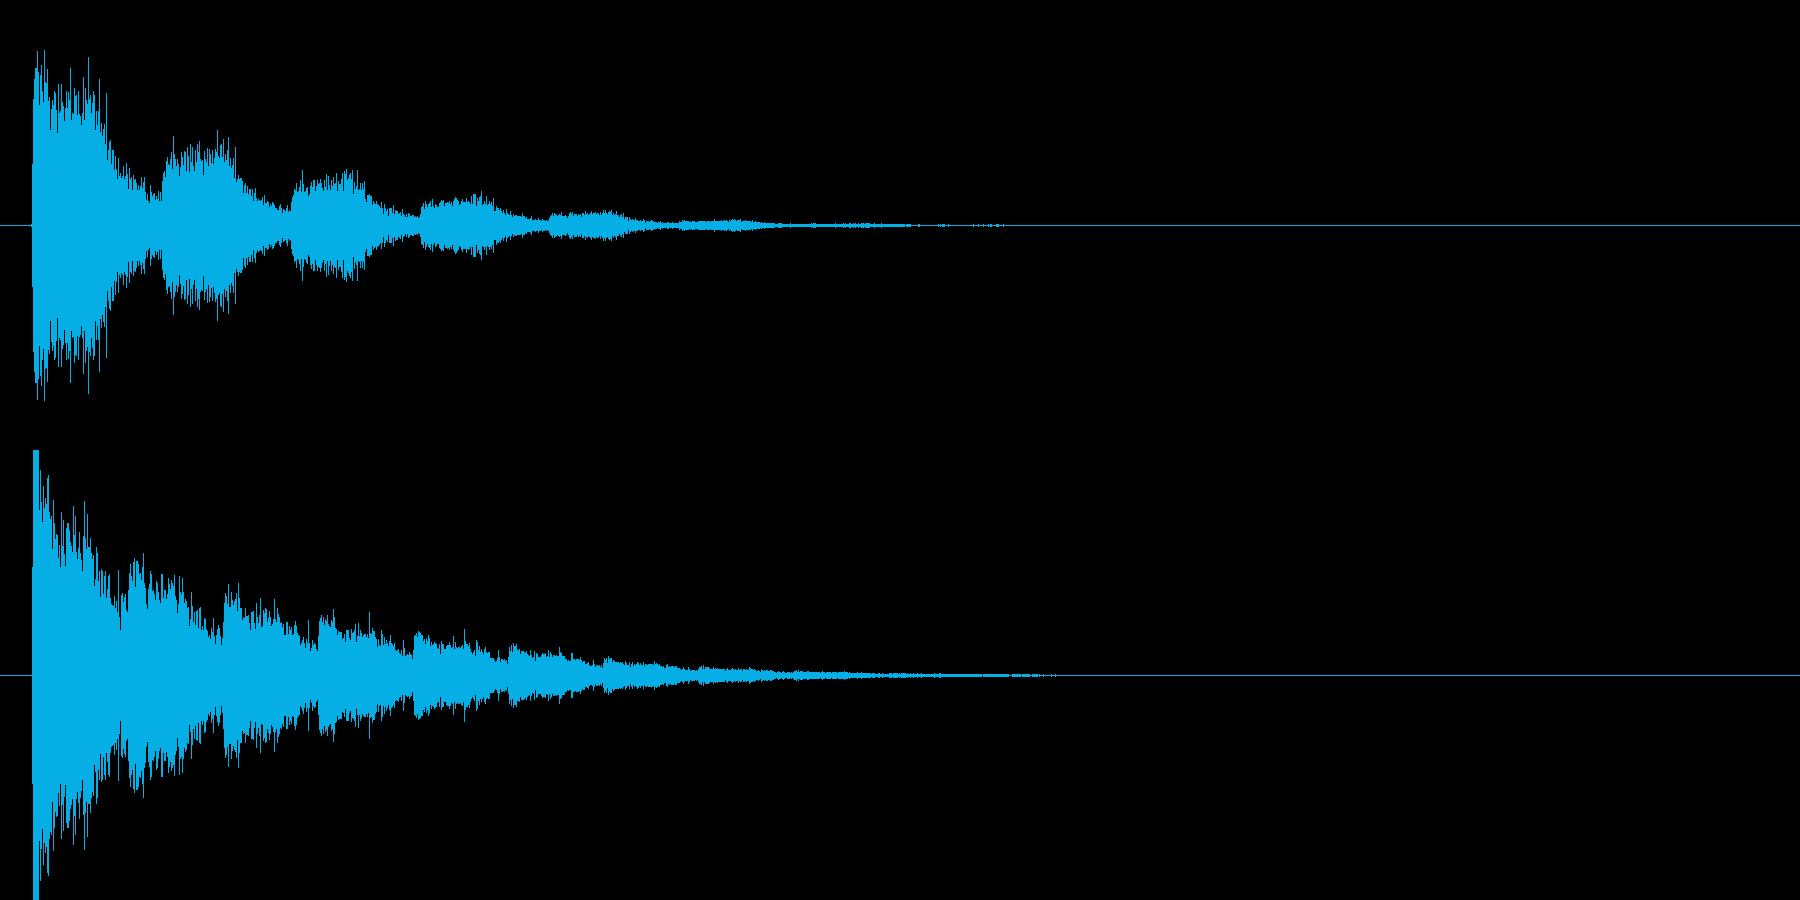 シューン(ビーム音)の再生済みの波形